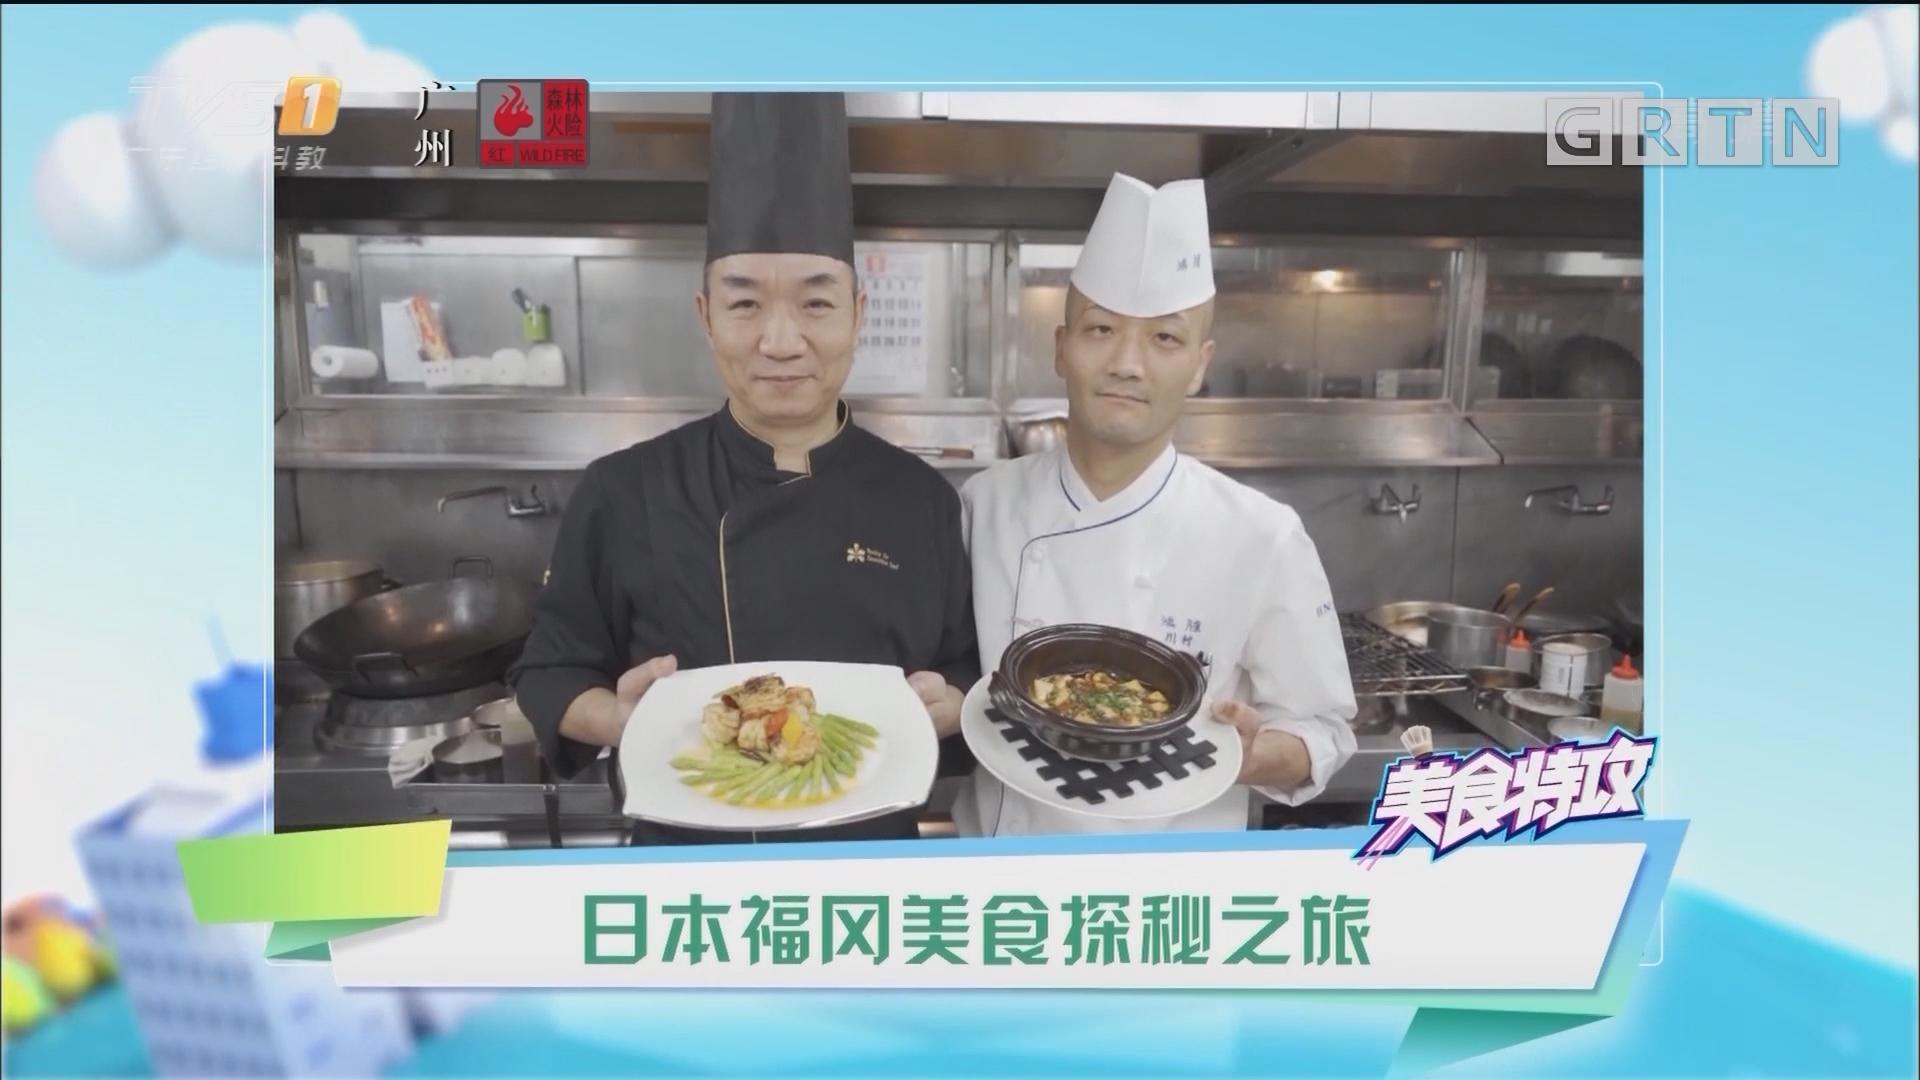 [HD][2019-11-19]美食特攻:日本福冈美食探秘之旅